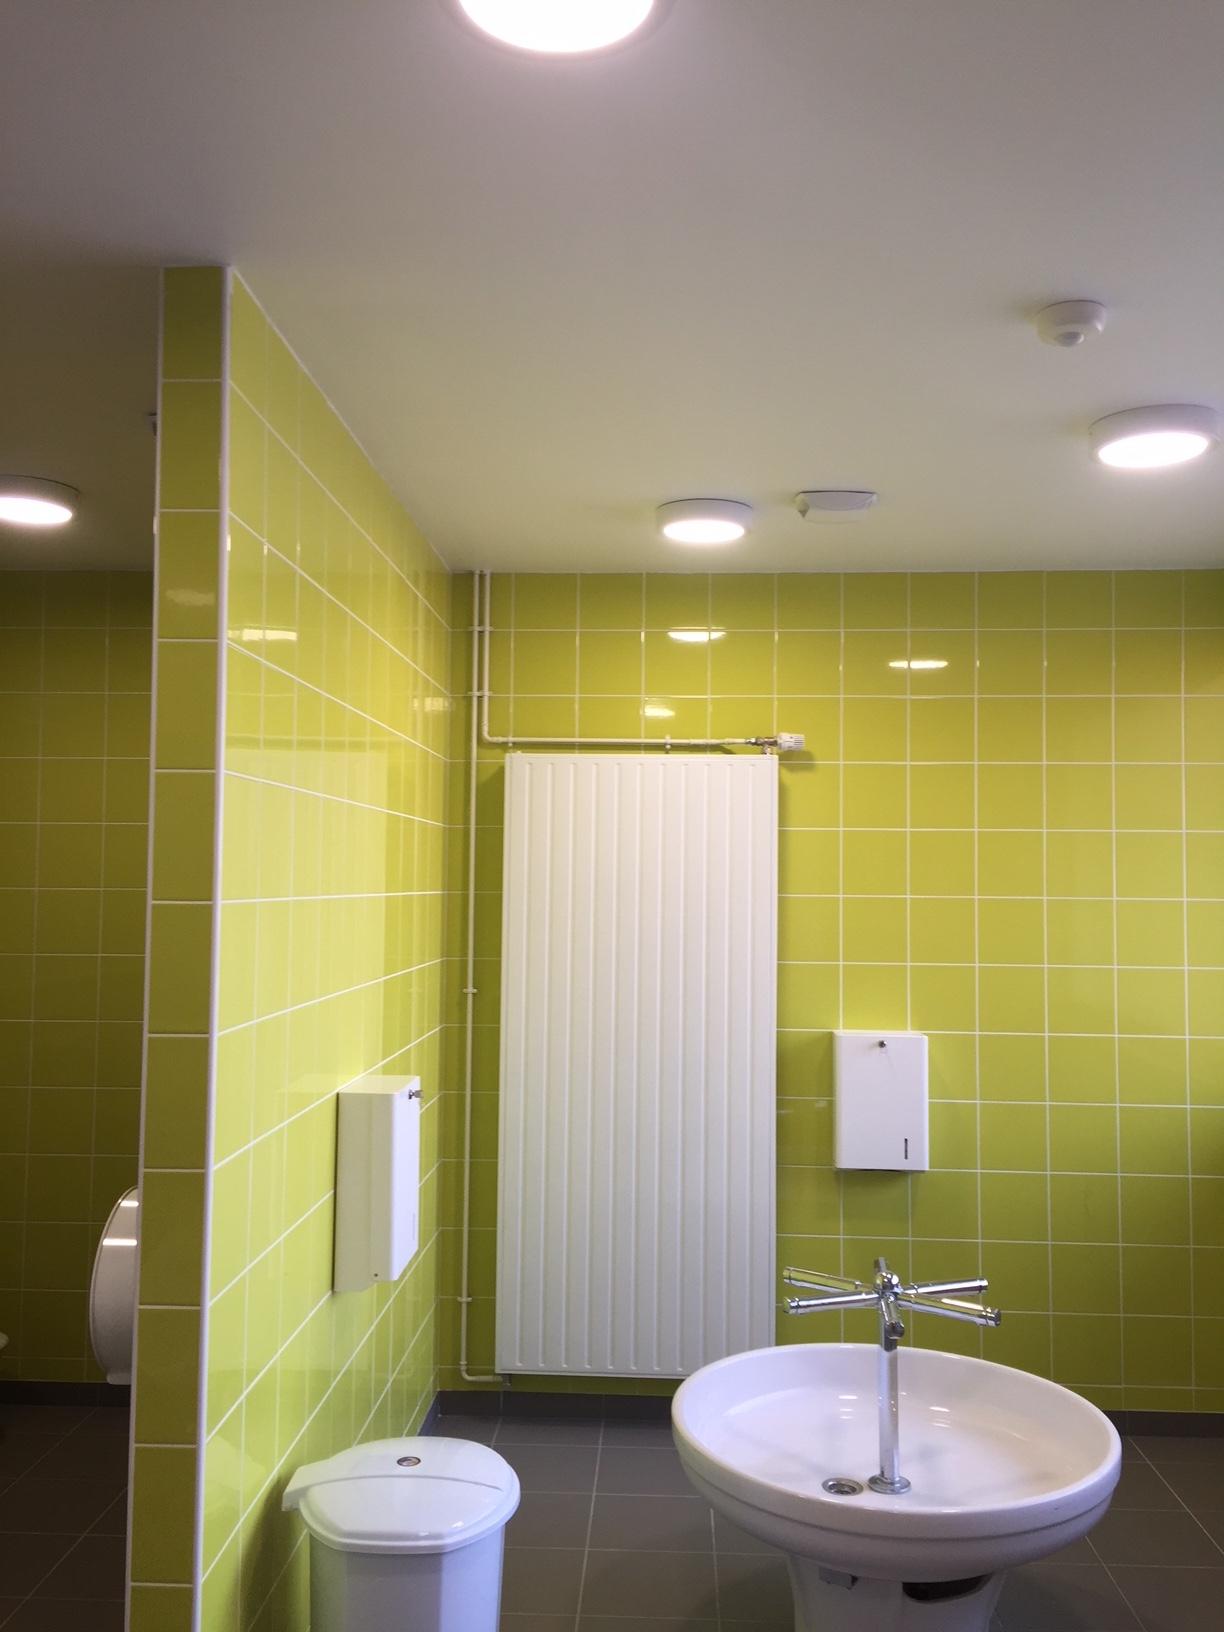 Notre entreprise spécialisée en courant fort et courant faible à rénovée électriquement l'école de Berville dans le département de l'Eure.